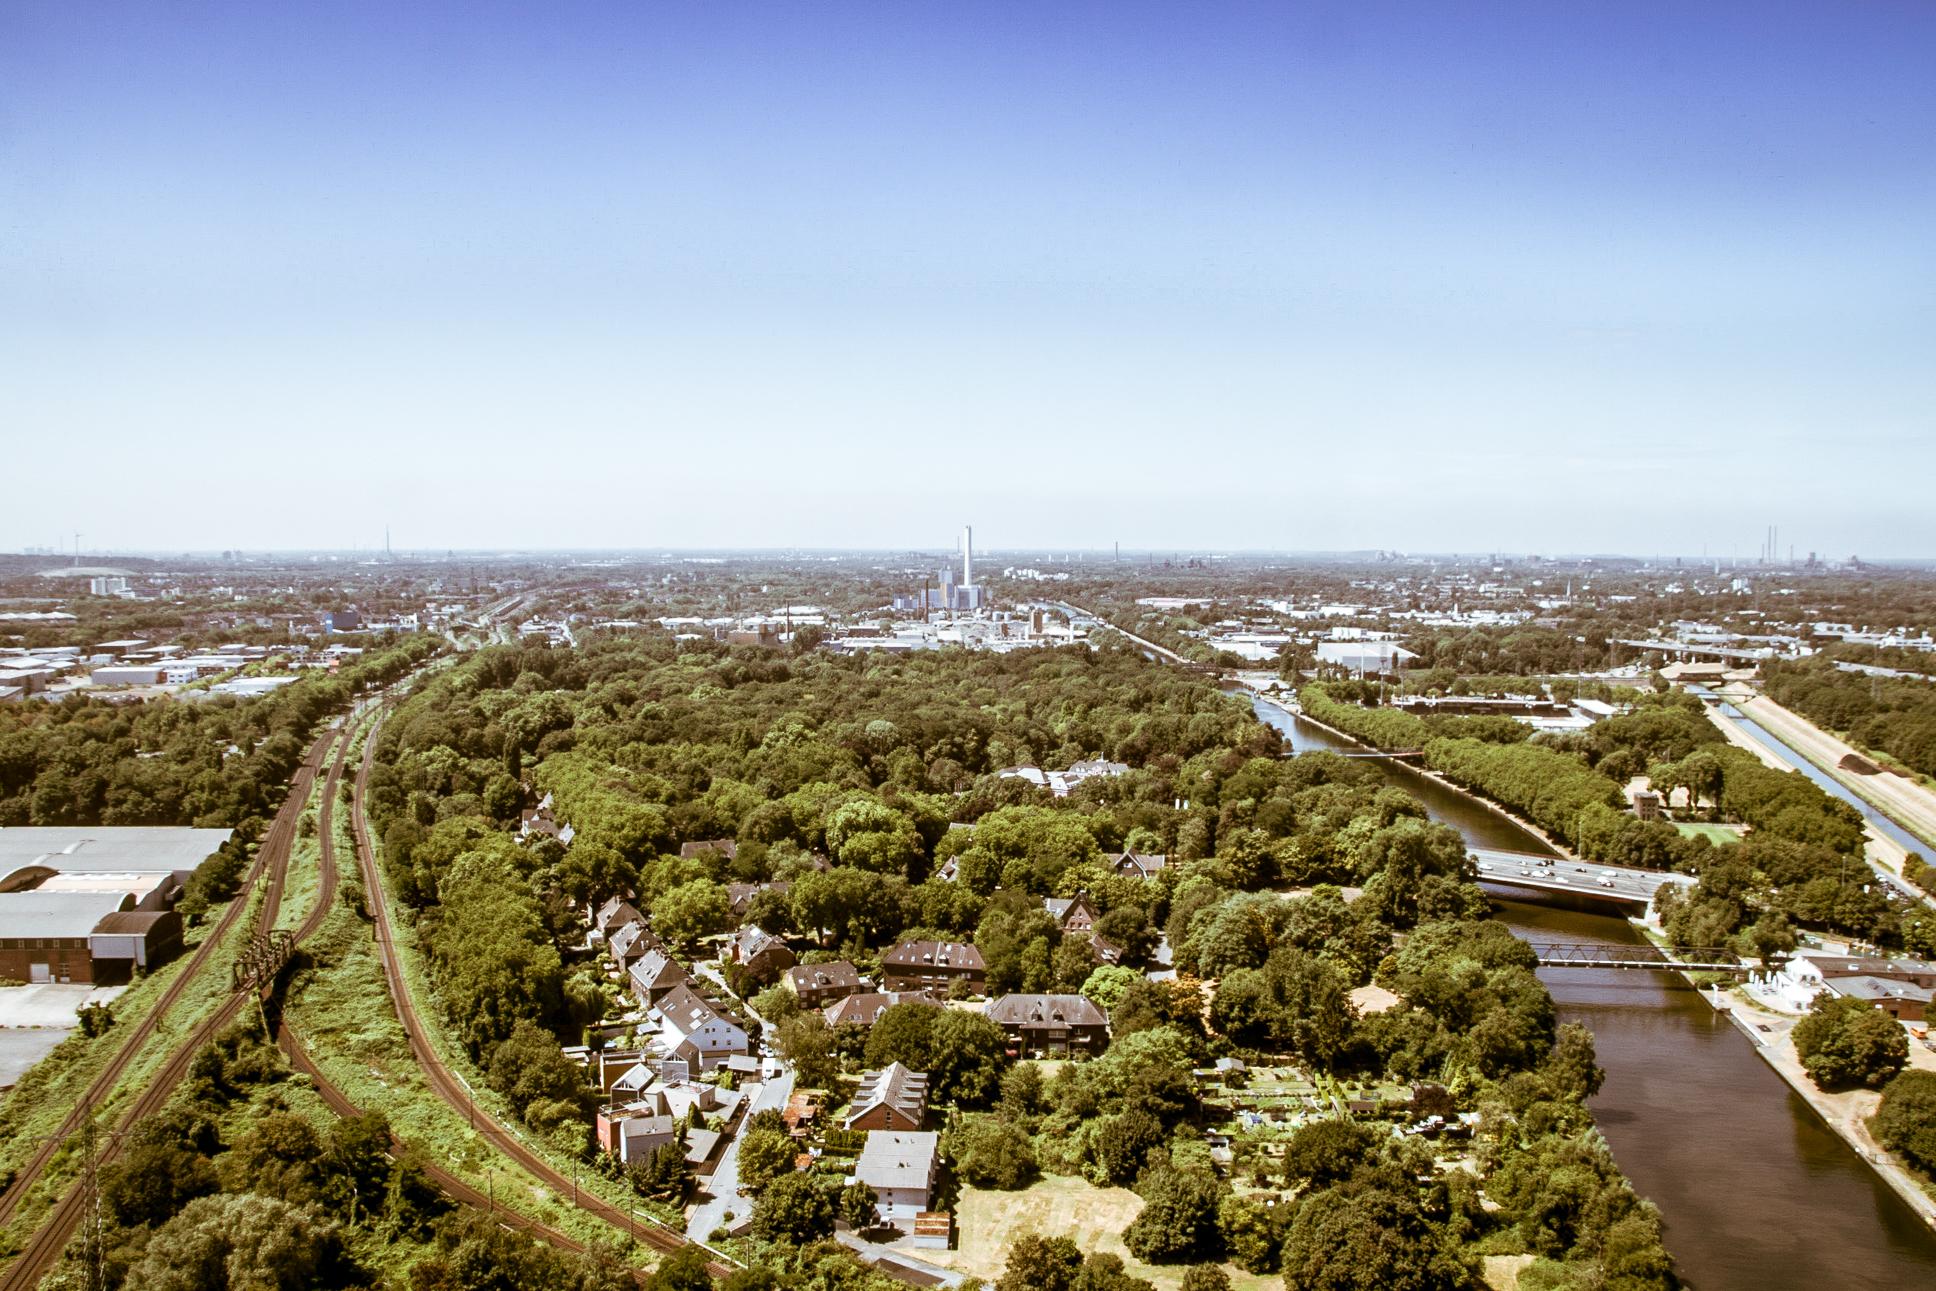 oberhausen (1 of 9).jpg